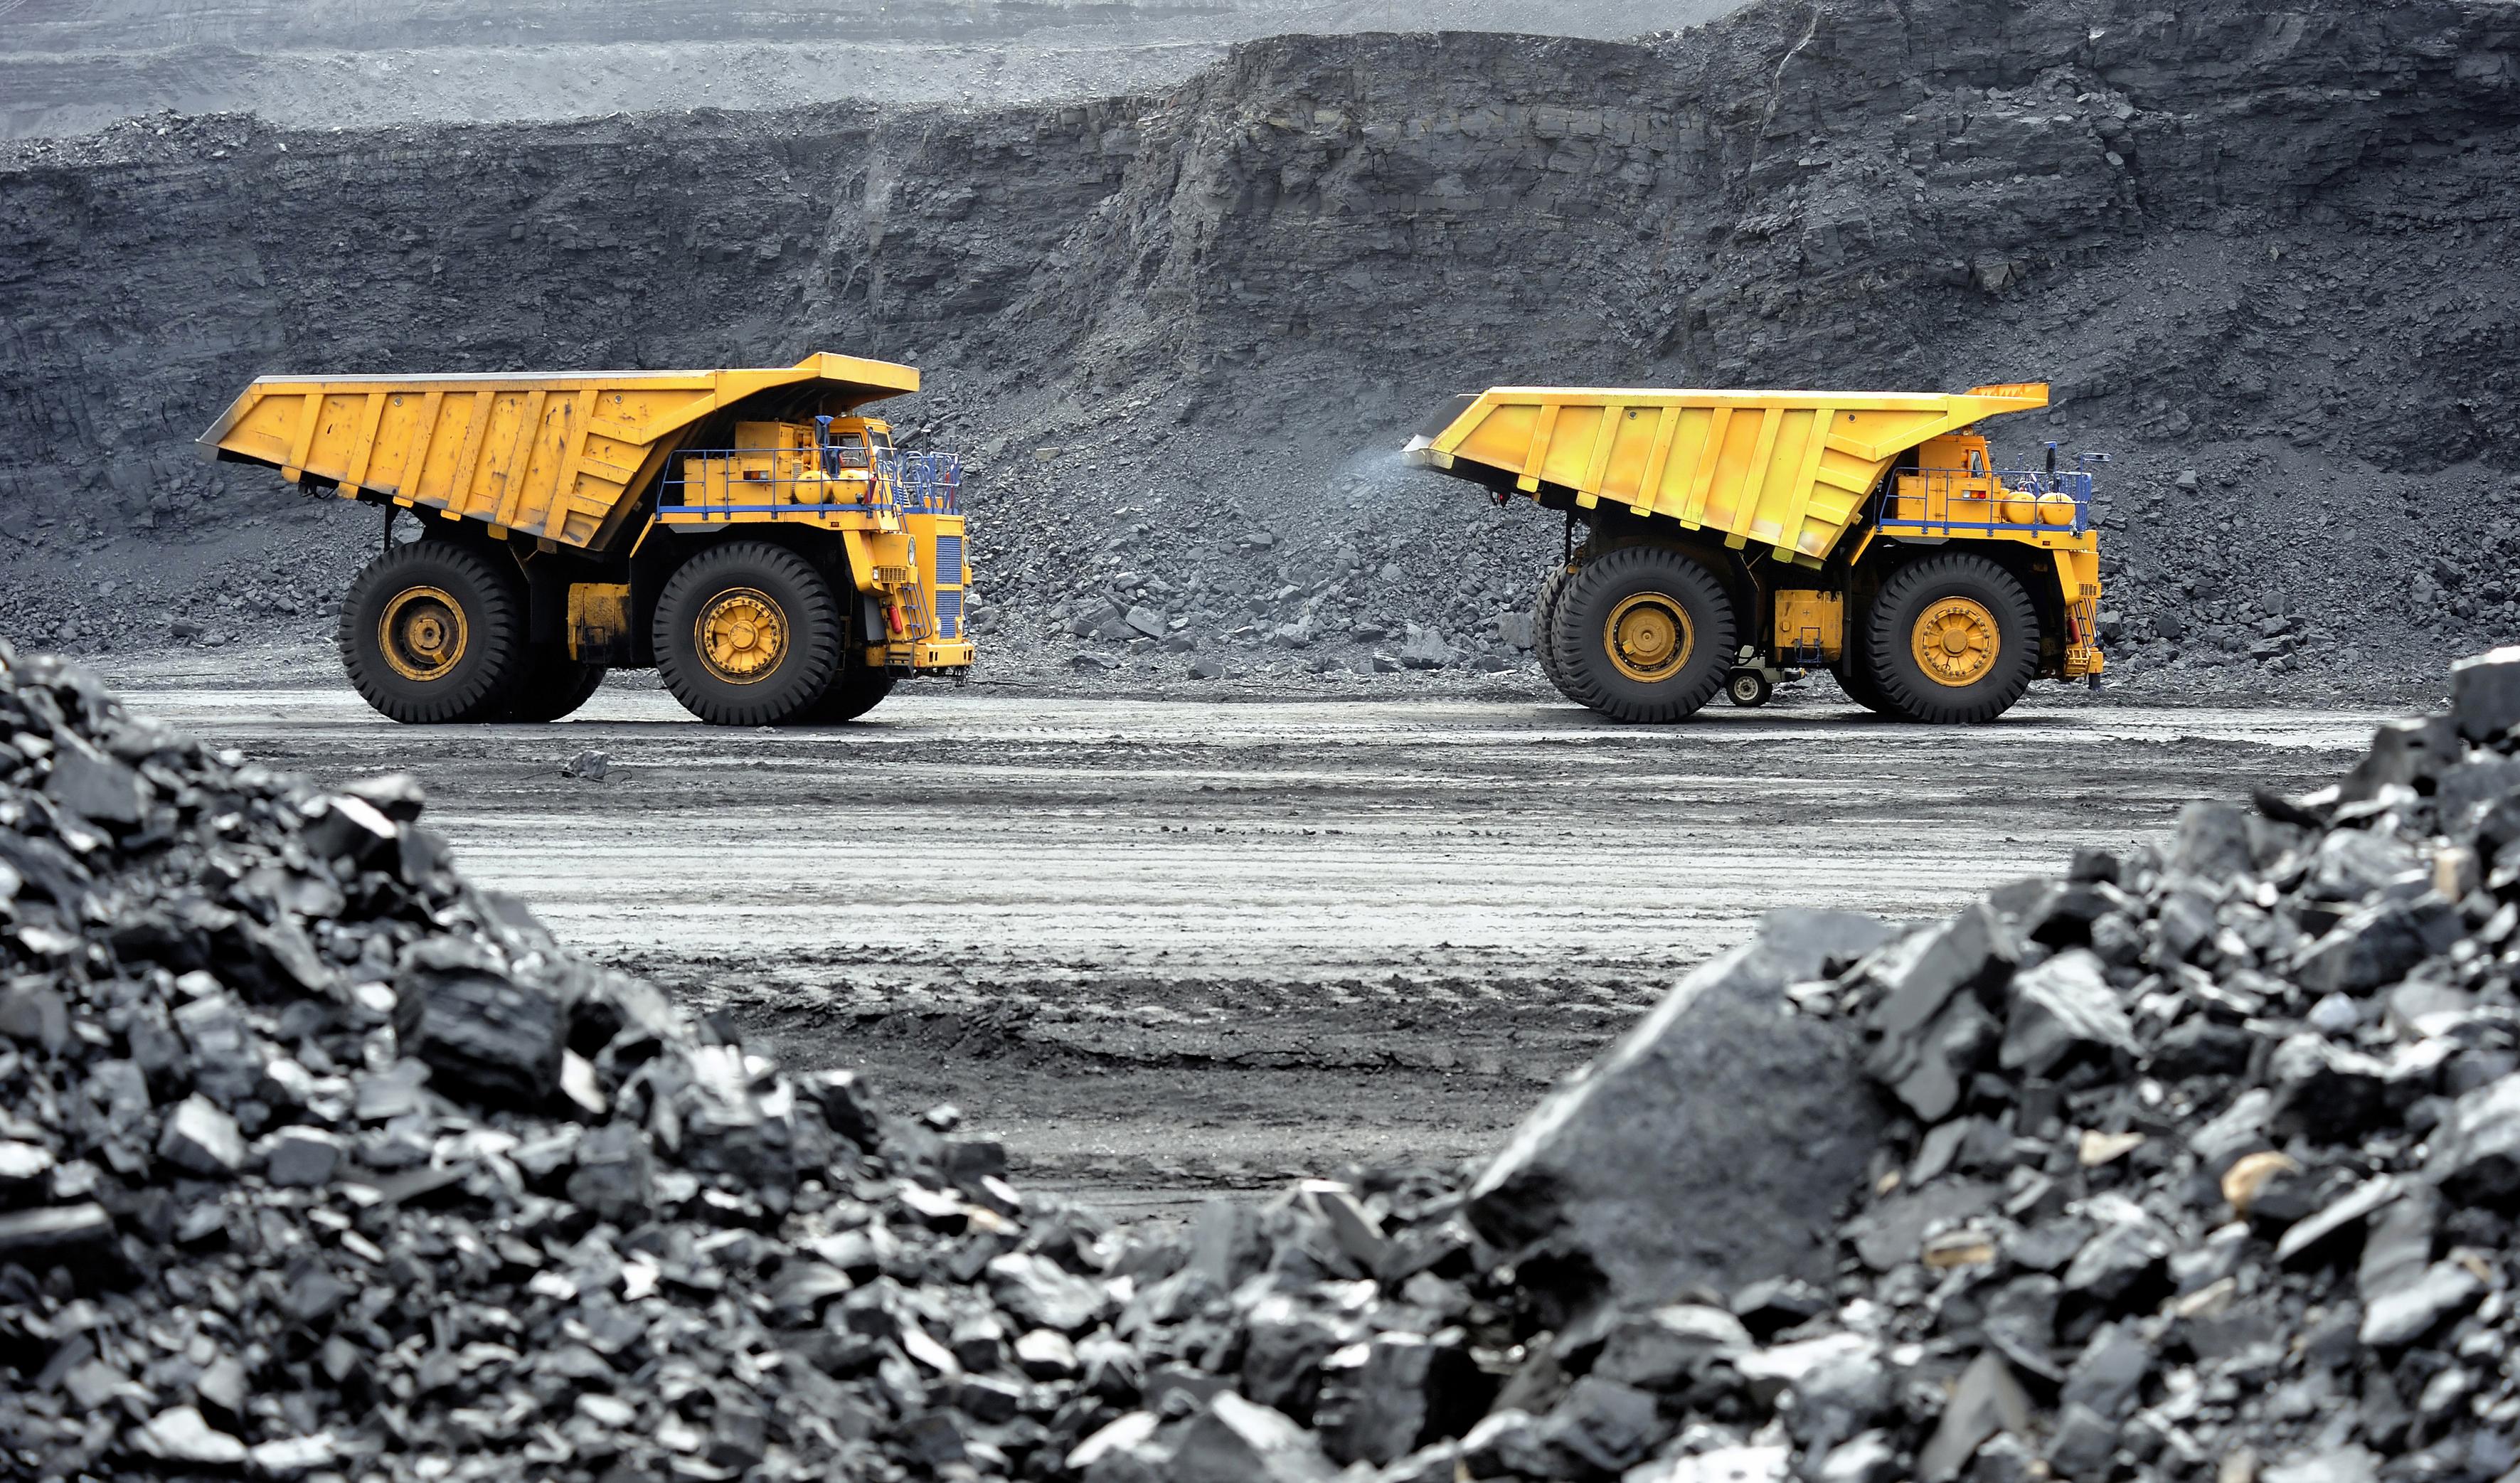 صادرات بخش معدن و صنایع معدنی امسال به ۸.۵ میلیارد دلار می رسد